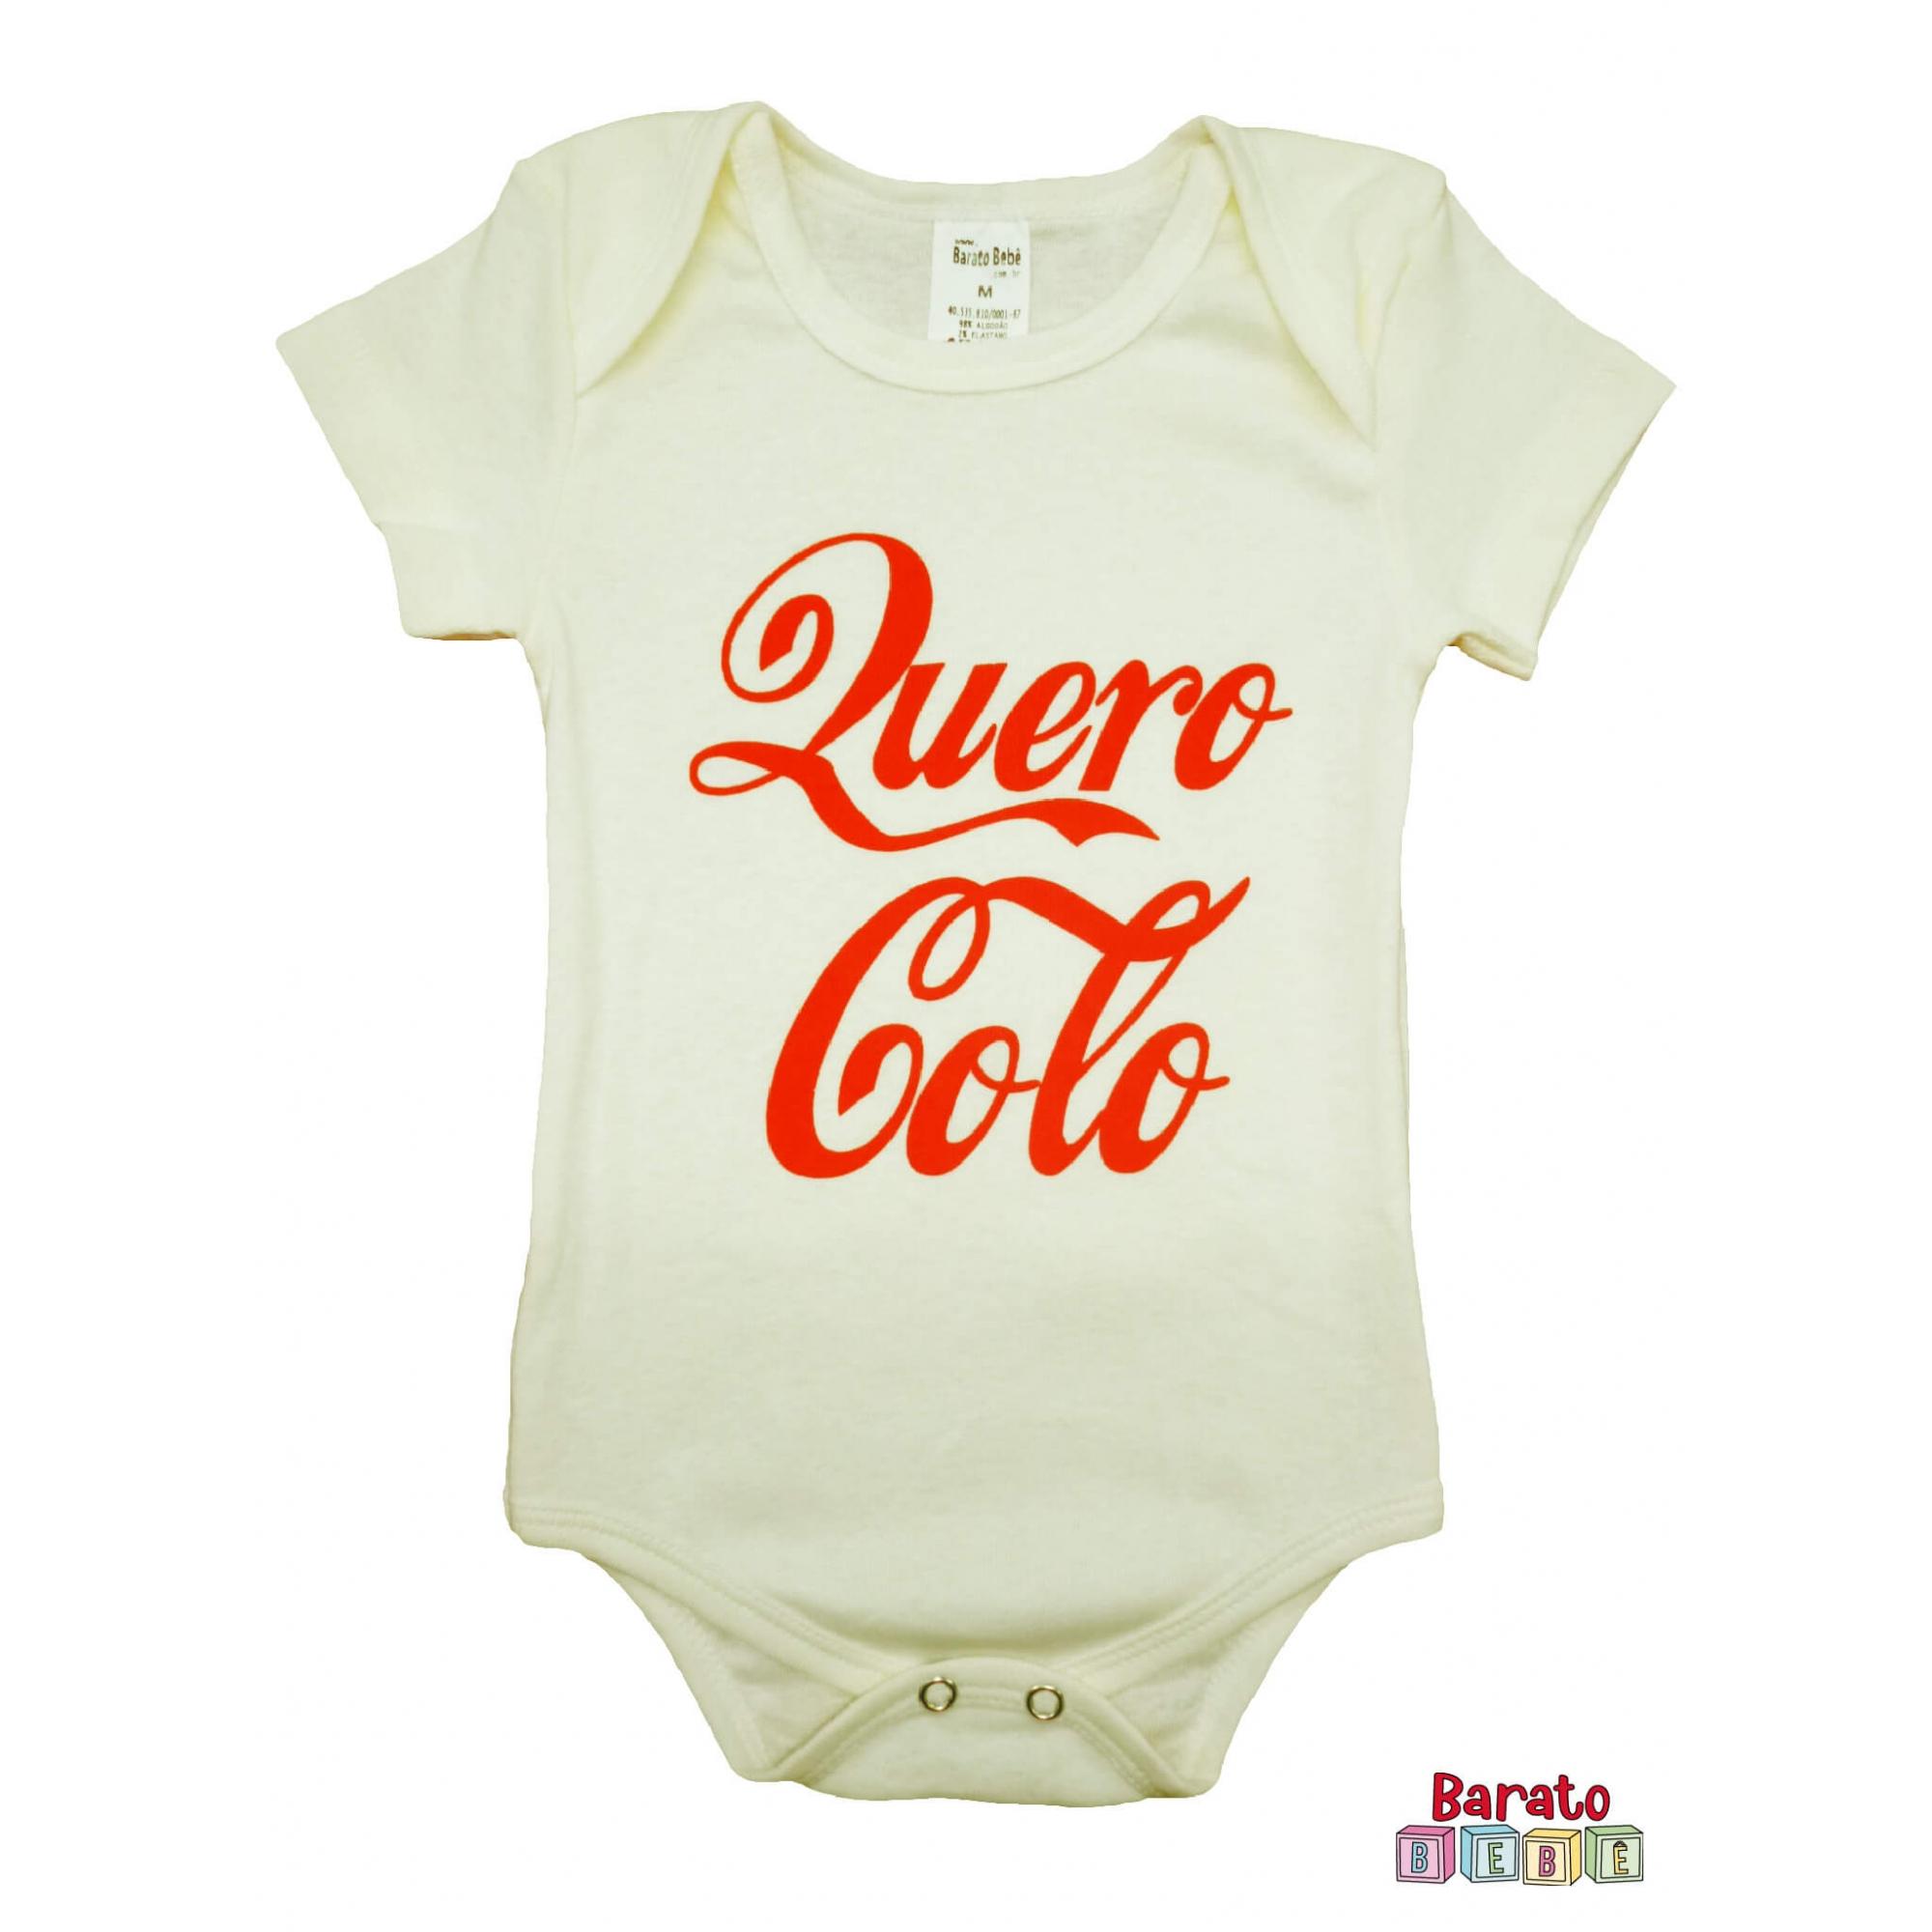 Body Bebê MC (P/M/G) - Quero Colo - Barato Bebê - Off White